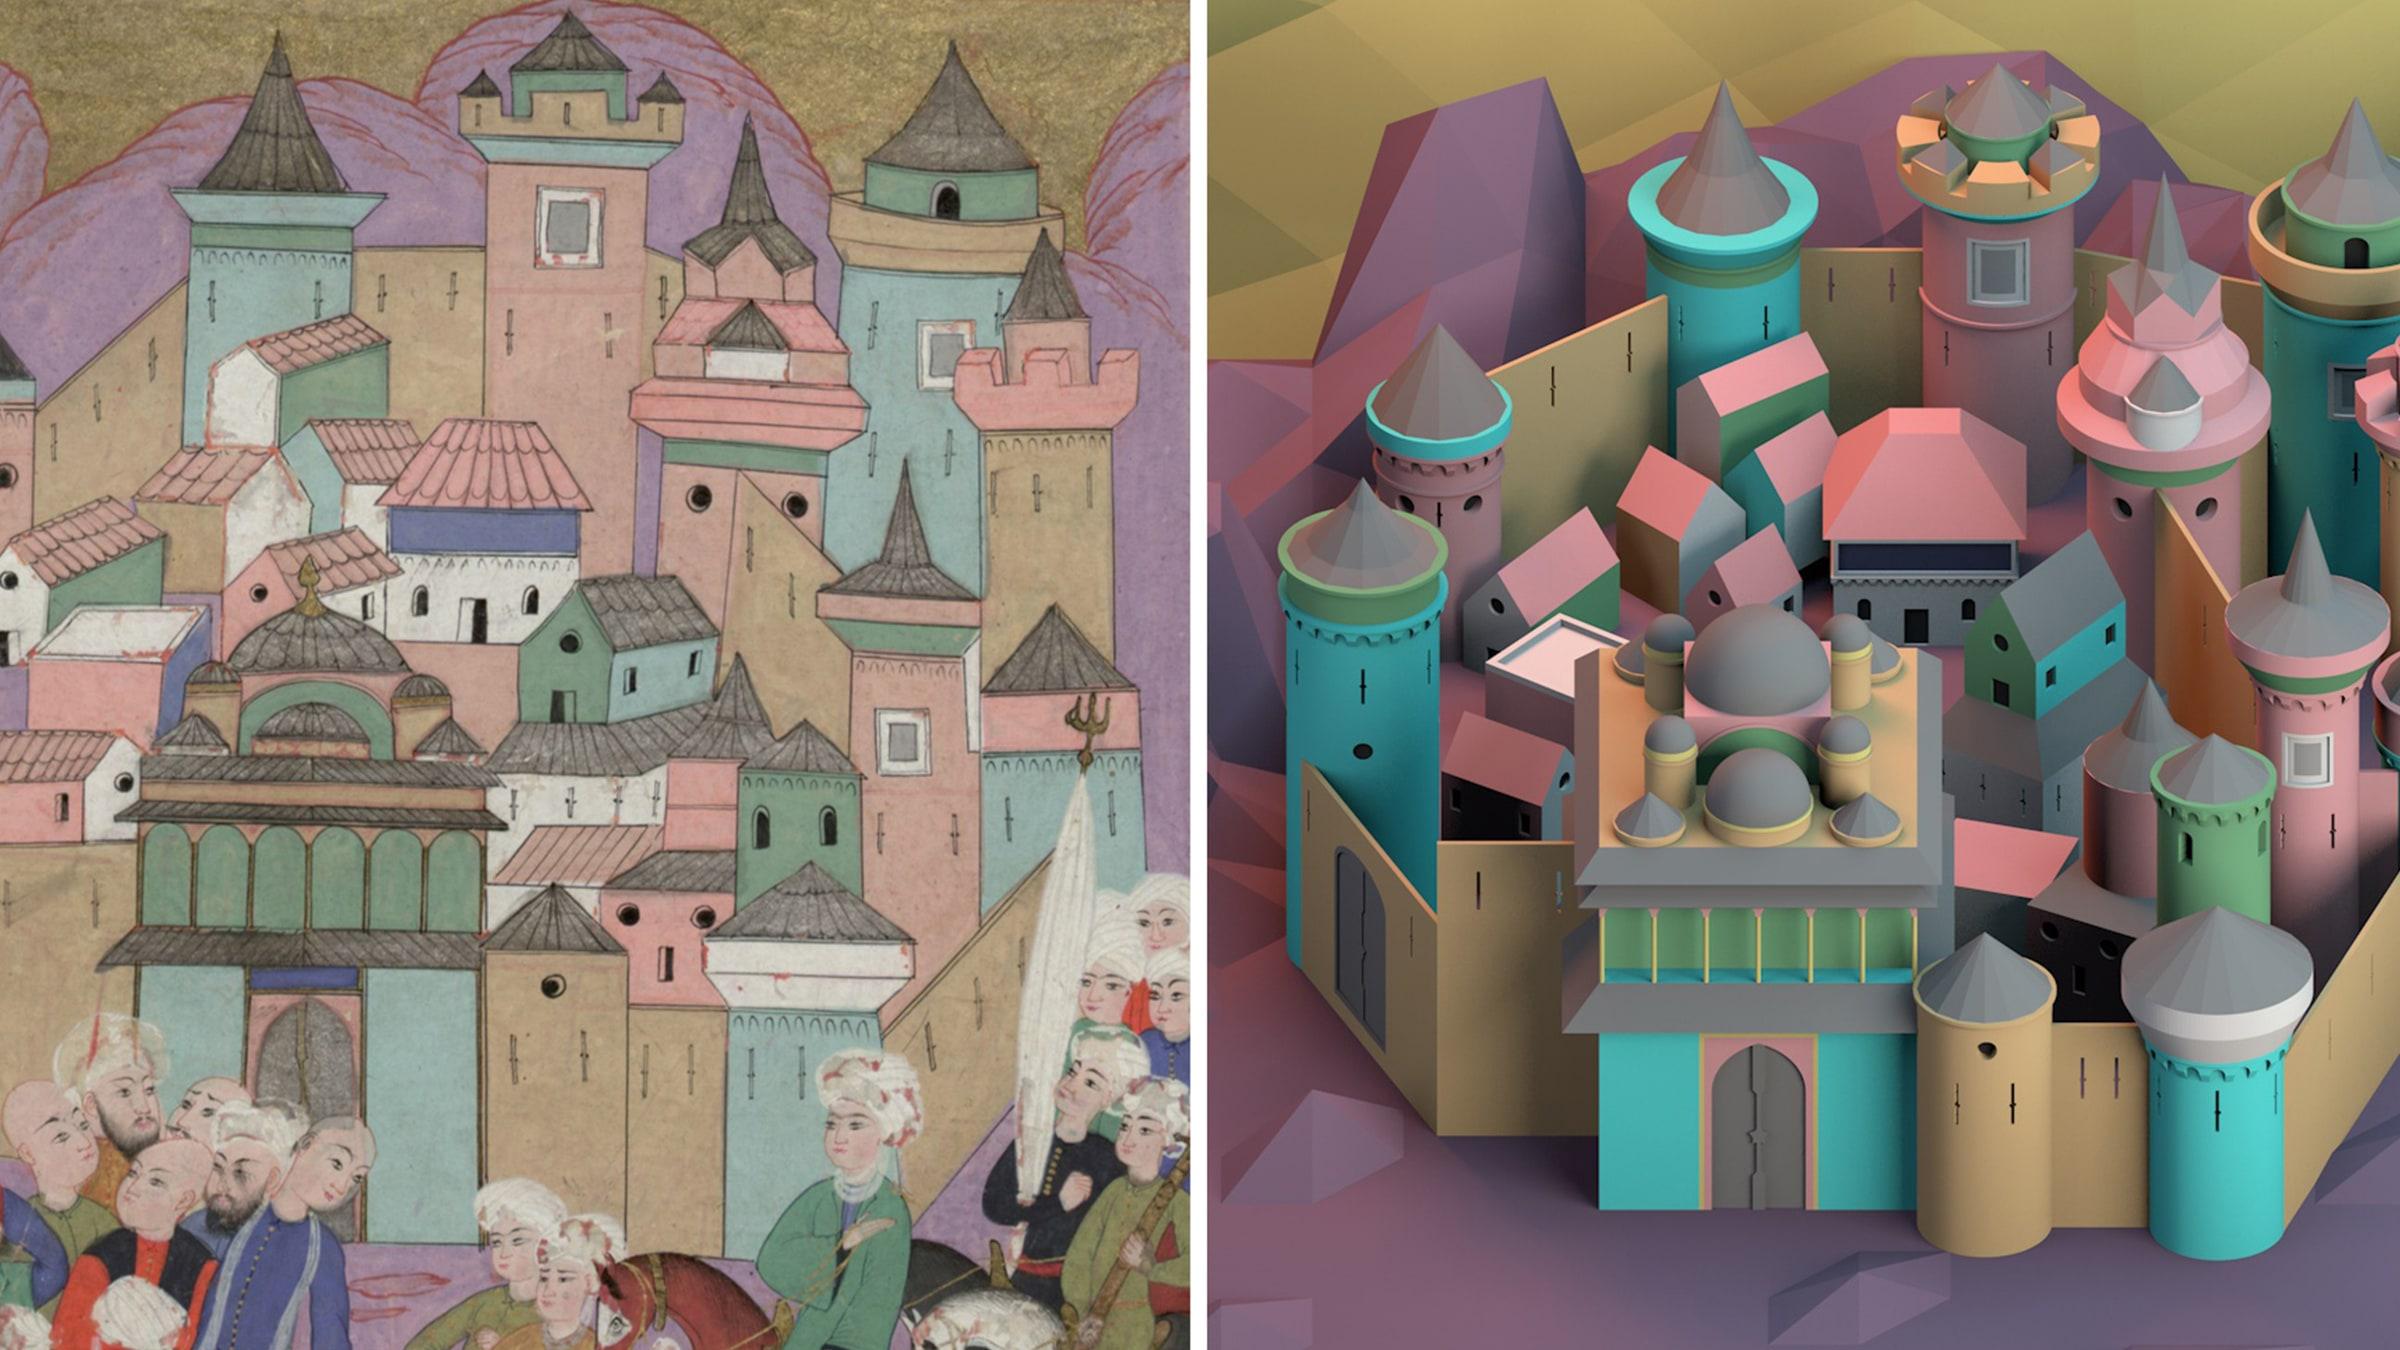 Çevrimiçi Konuşma <br> Osmanlı Minyatür Sanatında Parçalı Mimari Mekân Anlayışı: <br> Kültürler Arası Etkileşimler ve Zaman Ötesi İlişkiler